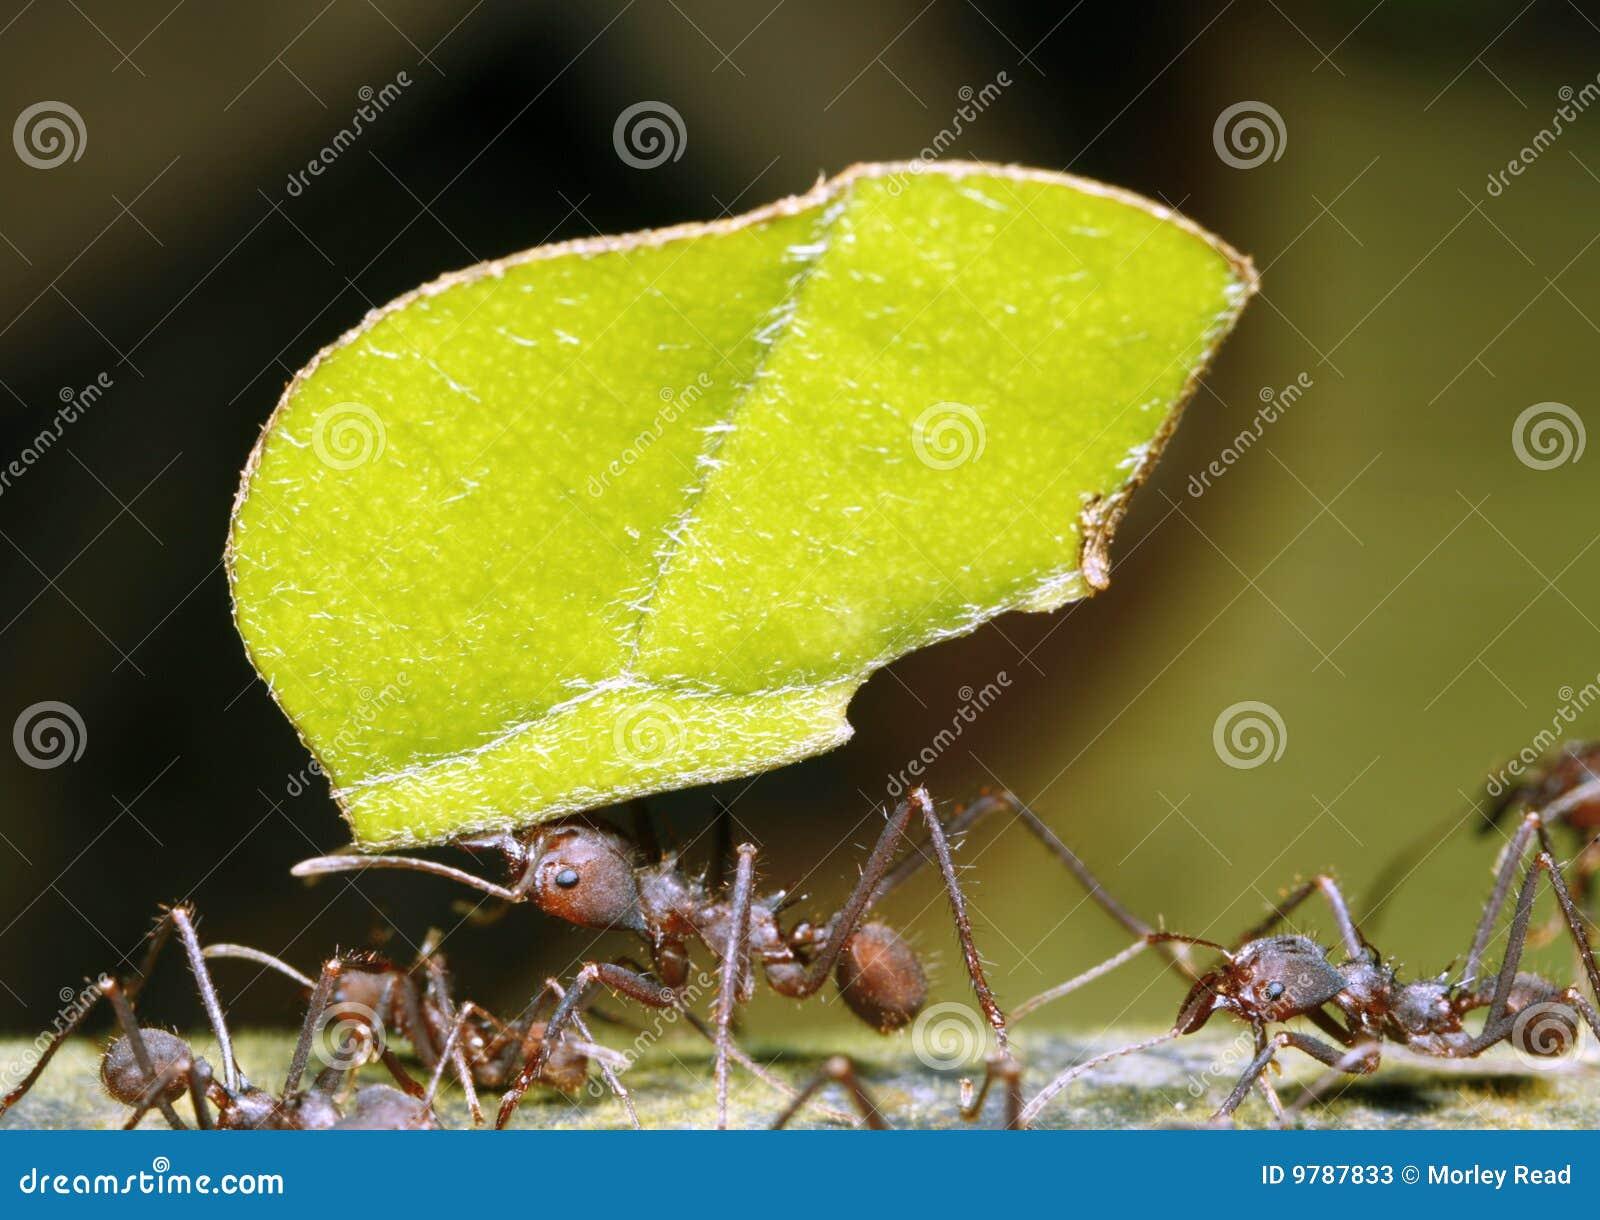 листья резца муравея